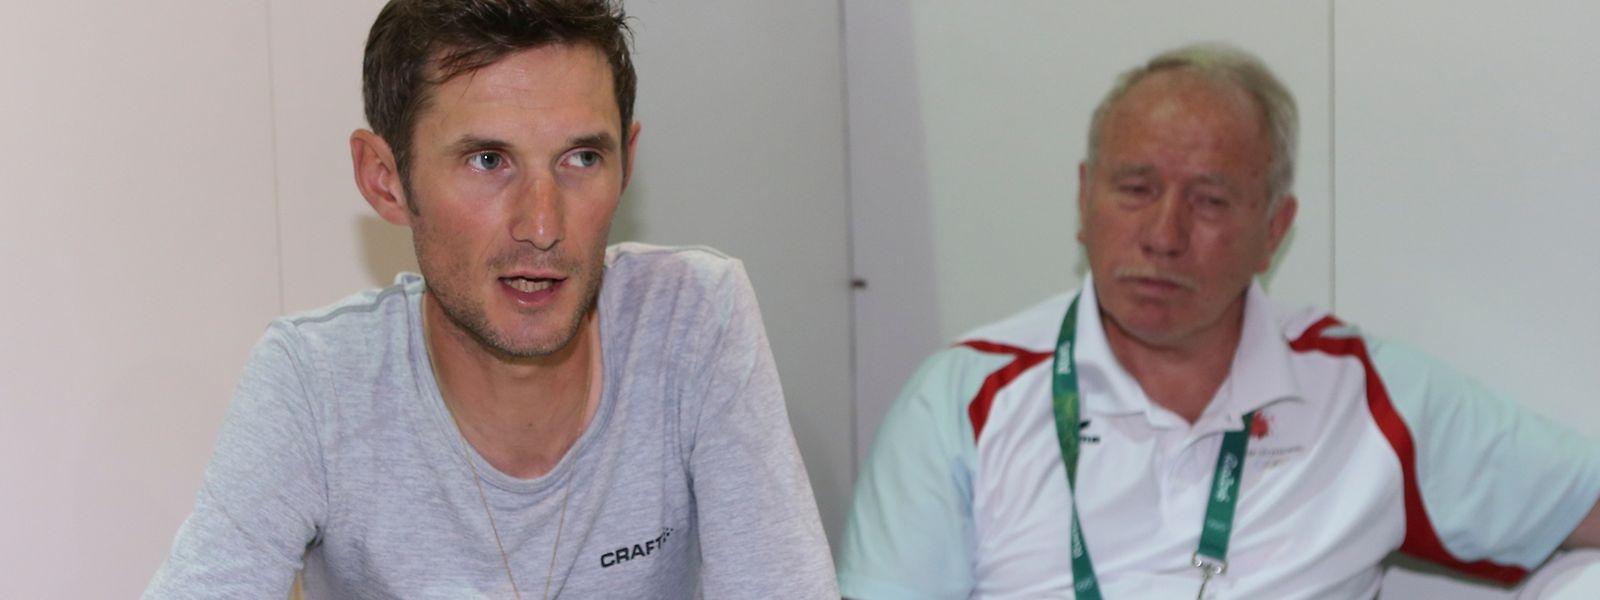 Fränk Schleck bestreitet am 1. Oktober sein letztes Rennen.